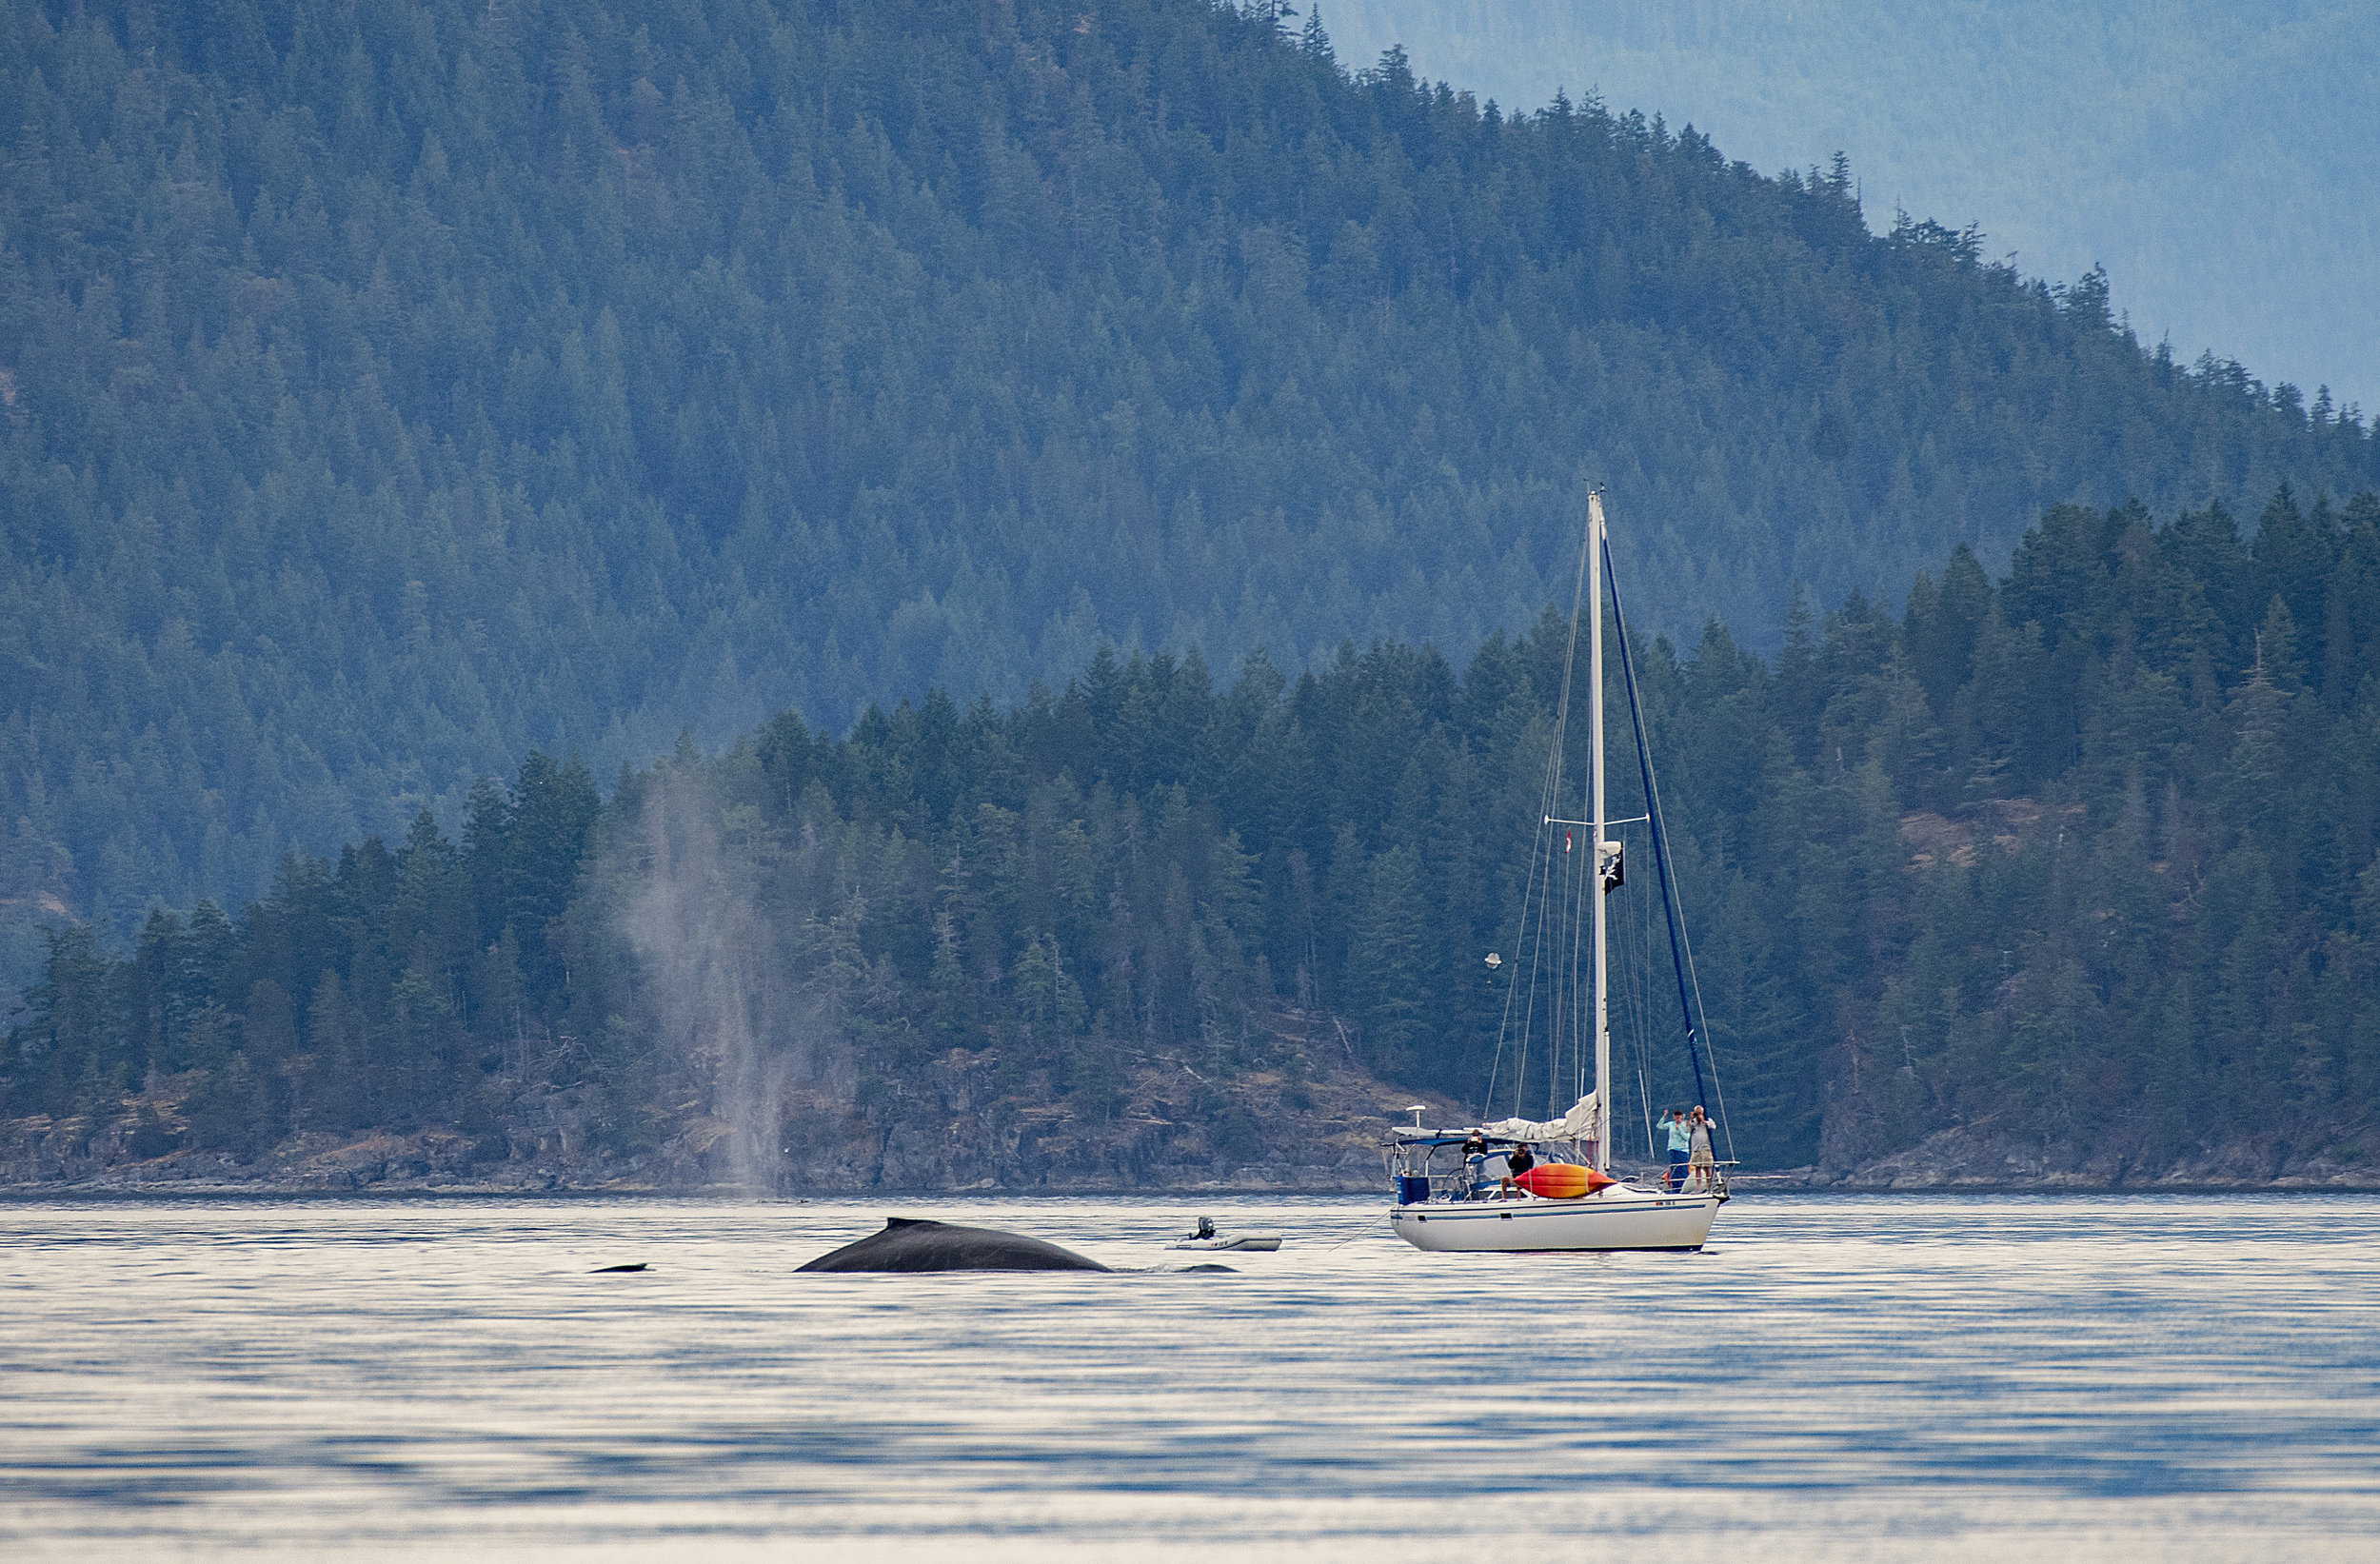 humpback and a sailboat.jpg